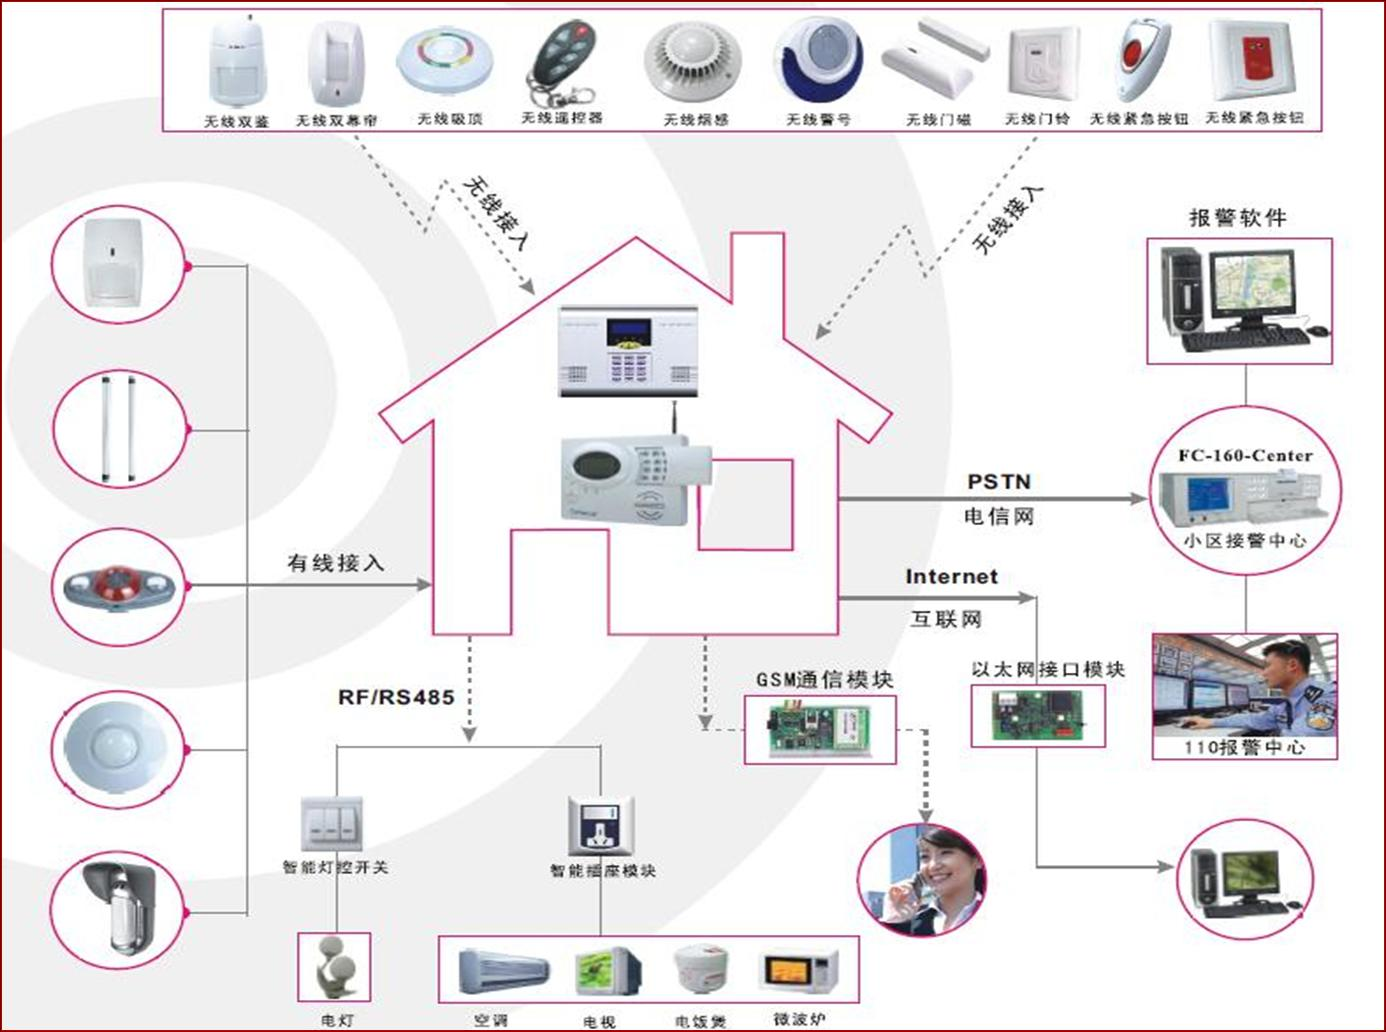 在小区内的每个住户单元安装一台报警主机,住户可选择安装在住户门口、窗户处安装门磁、紧急求助按钮、烟感探头、瓦斯探头、三鉴探头等报警感知设备,报警主机通过总线与治理中心的电脑相连接,进行安防信息治理,本系统具有远程报警功能,可选并联接打印机。假如发生盗贼闯入、抢劫、烟雾、燃气泄漏、玻璃破碎等紧急事故,传感器就会立即获知并由报警系统即刻触发声光警报以有效阻吓企图行窃的盗贼,而现场保安系统的密码键盘立即显示相应报警区域,使您的家人保持警戒;系统还会迅速向报警中心传送报警信息;报警中心接到警情后立即自动进行分辨处